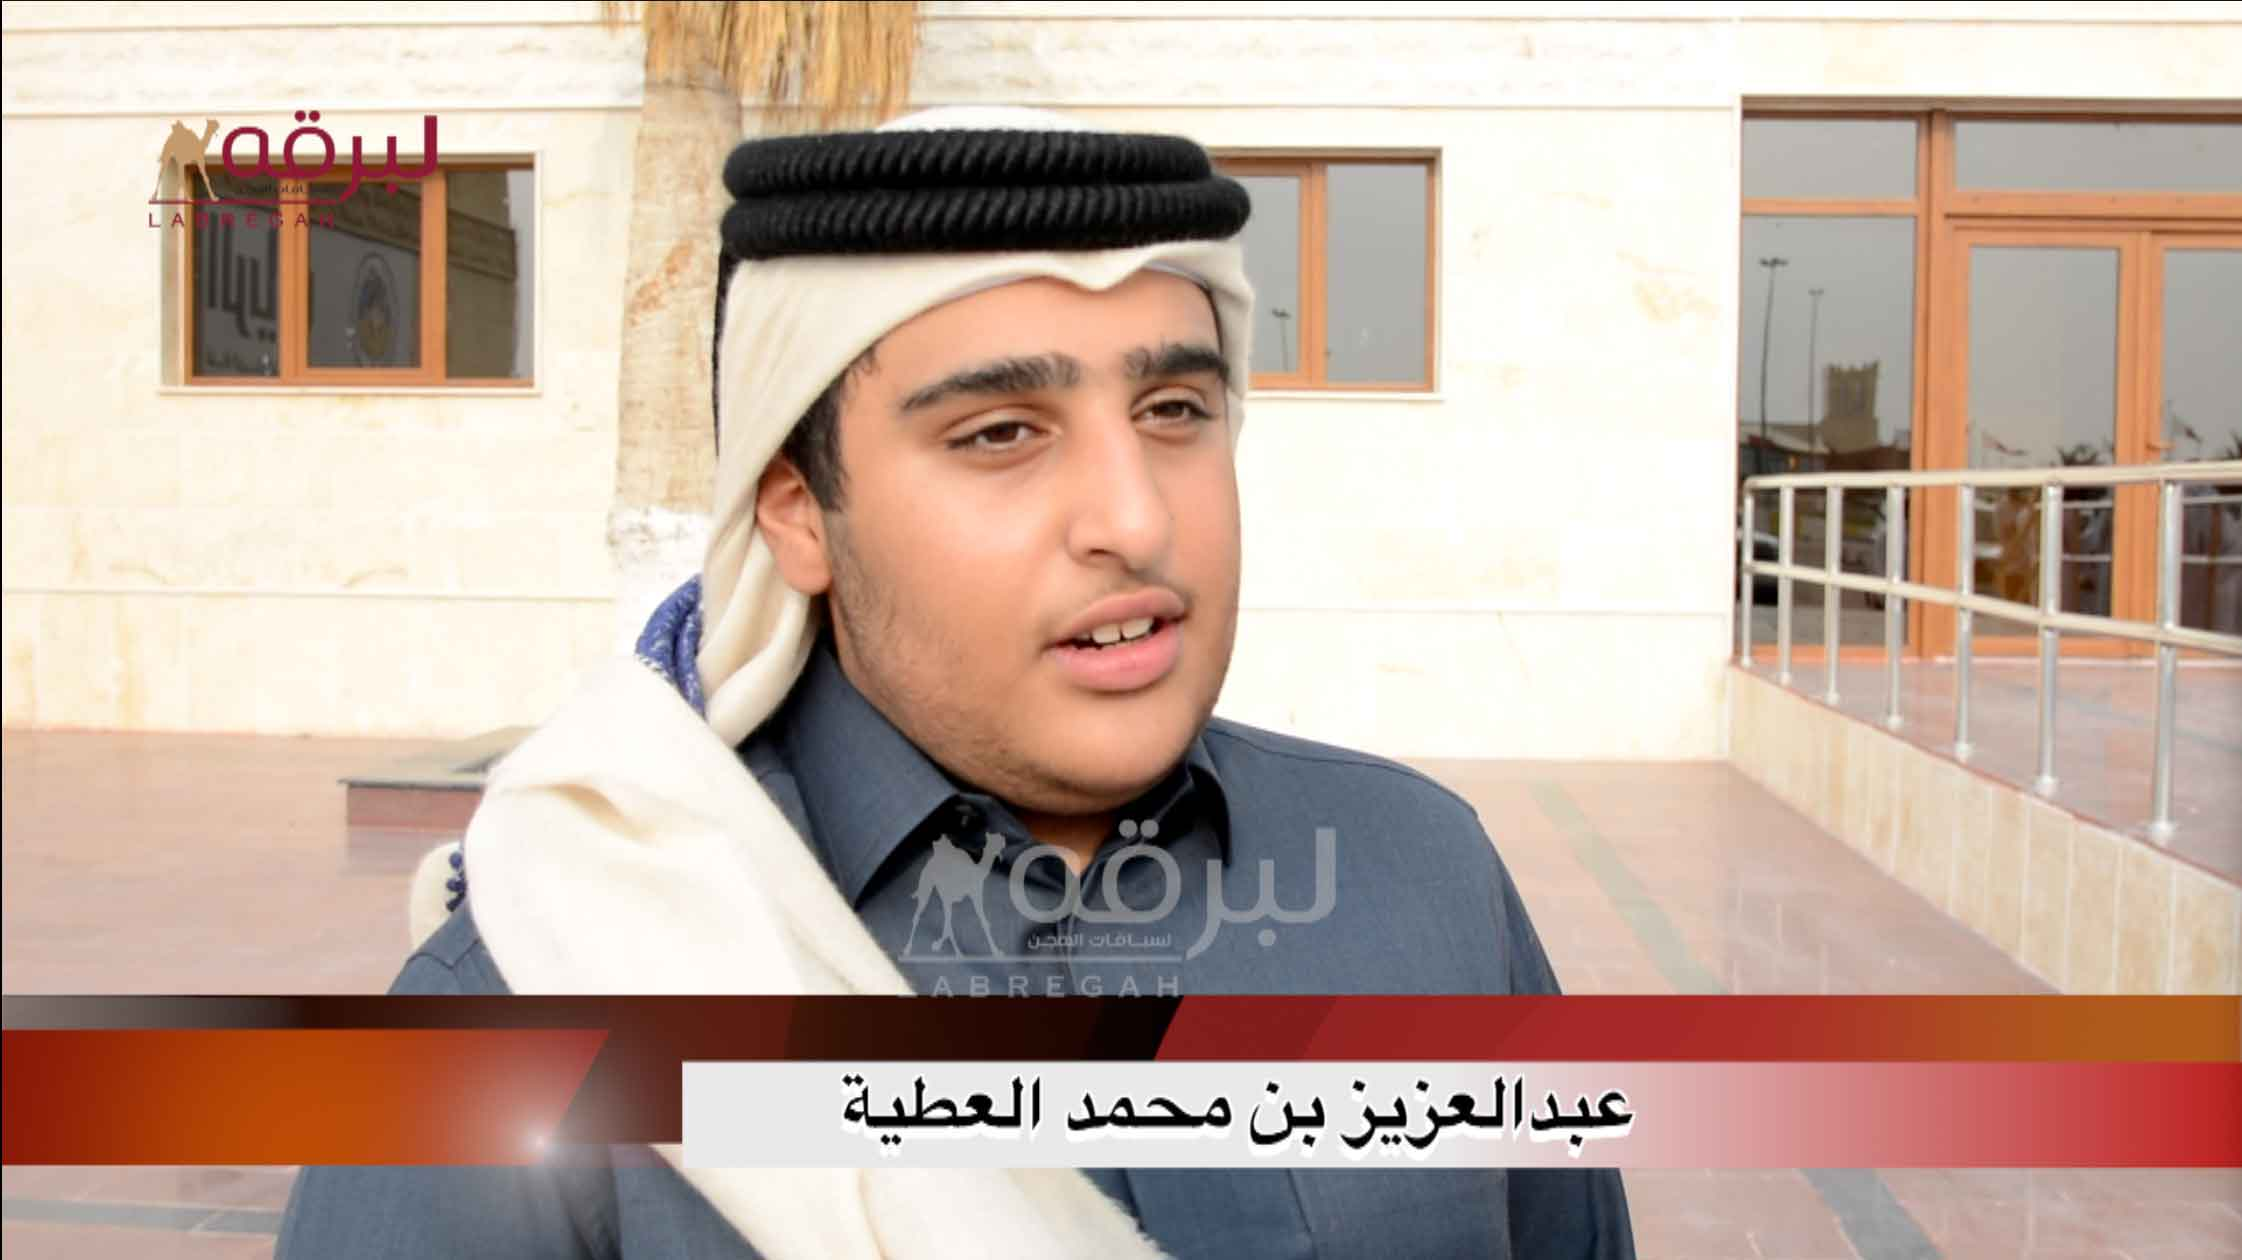 لقاء مع عبدالعزيز بن محمد العطية.. الخنجر الفضي للقايا قعدان « إنتاج » الأشواط العامة ١-١٢-٢٠٢٠